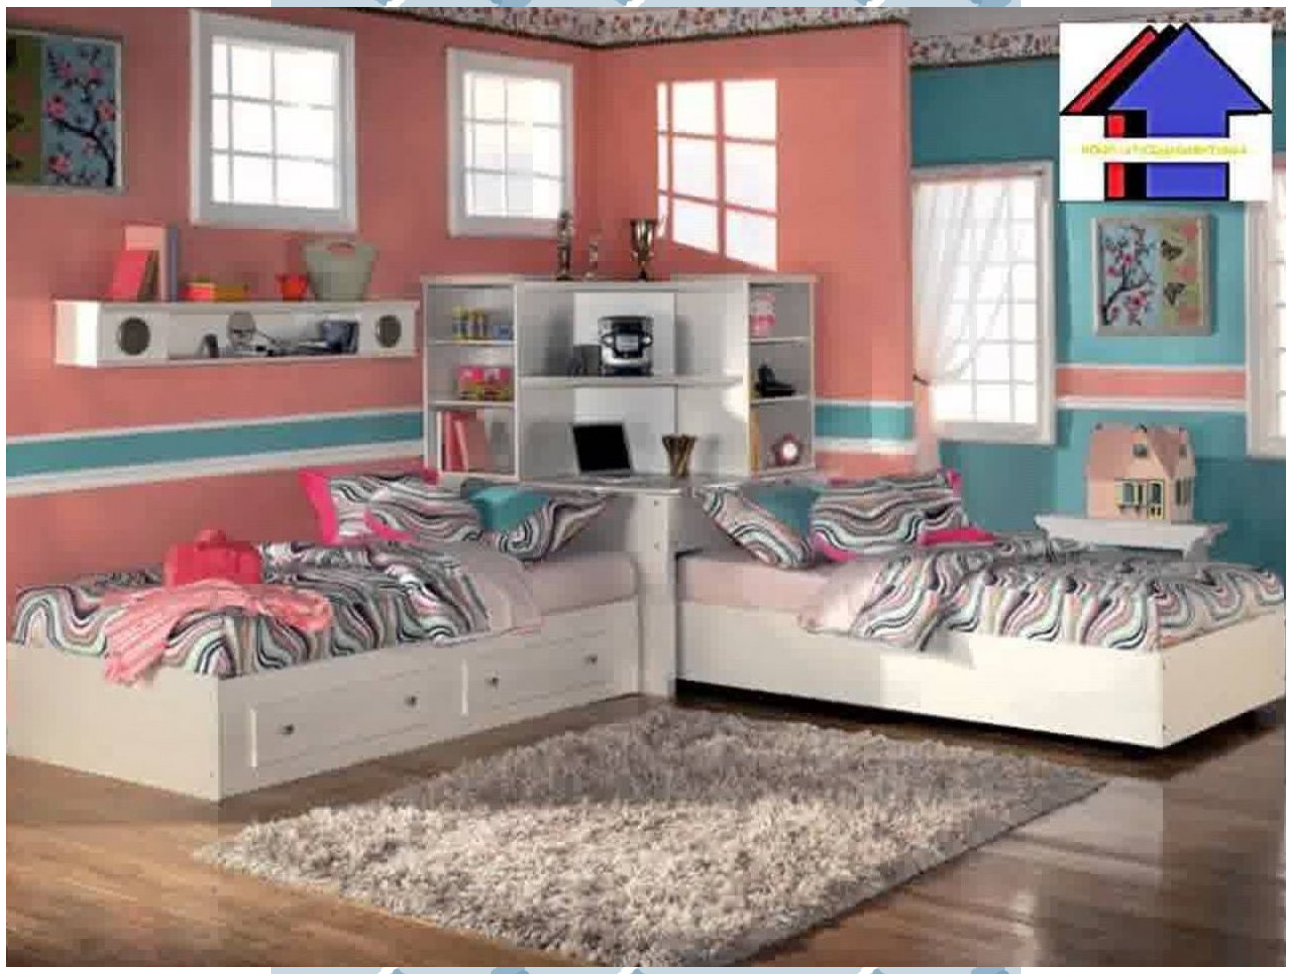 2 Kid Schlafzimmer Ideen Kindermobel Info Babyzimmer Junge Ideen Kid Kinder Zimmer In 2020 Gemeinsame Kinderzimmer Ikea Kleines Schlafzimmer Schlafzimmer Ideen